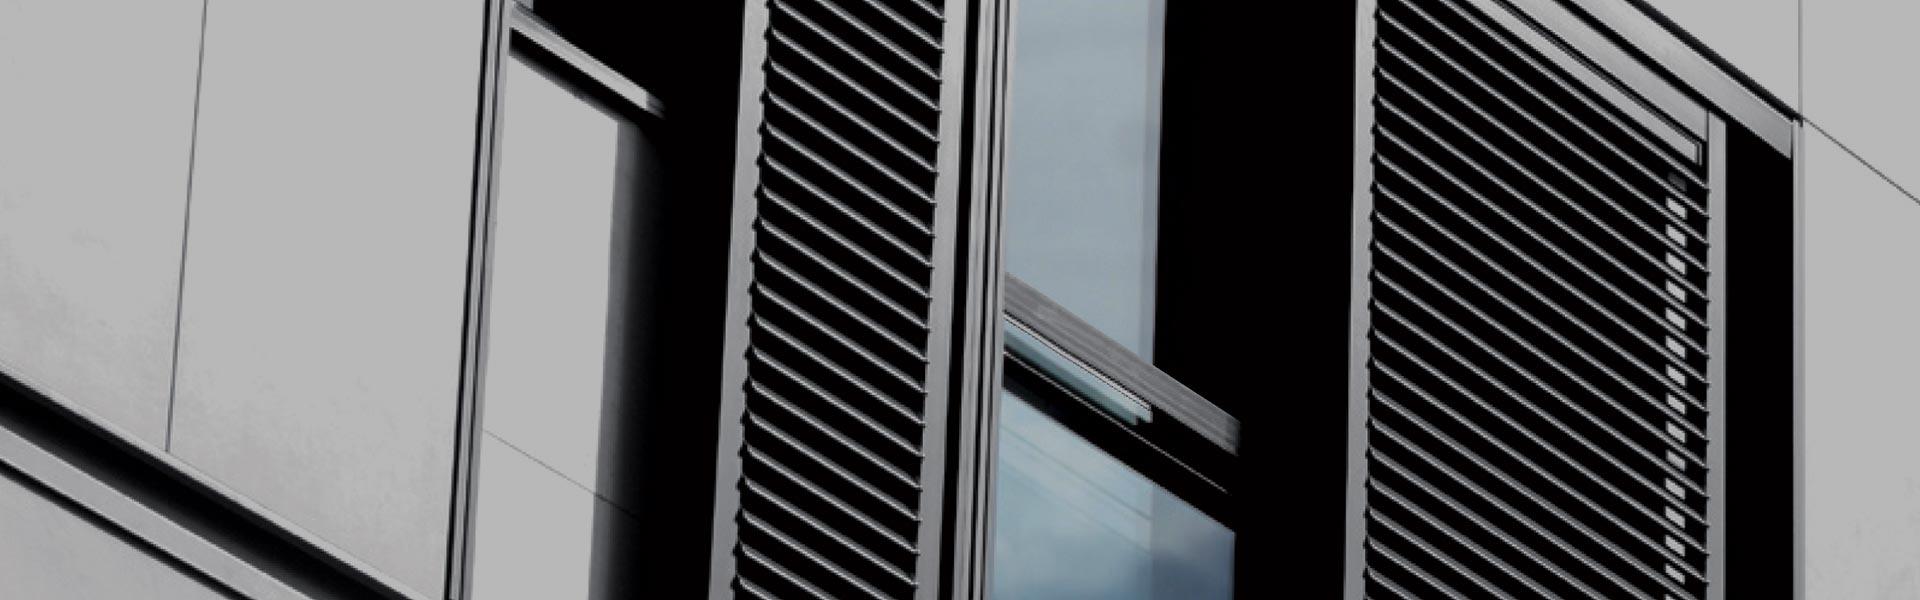 persiana double b infissi in alluminio legno e pvc